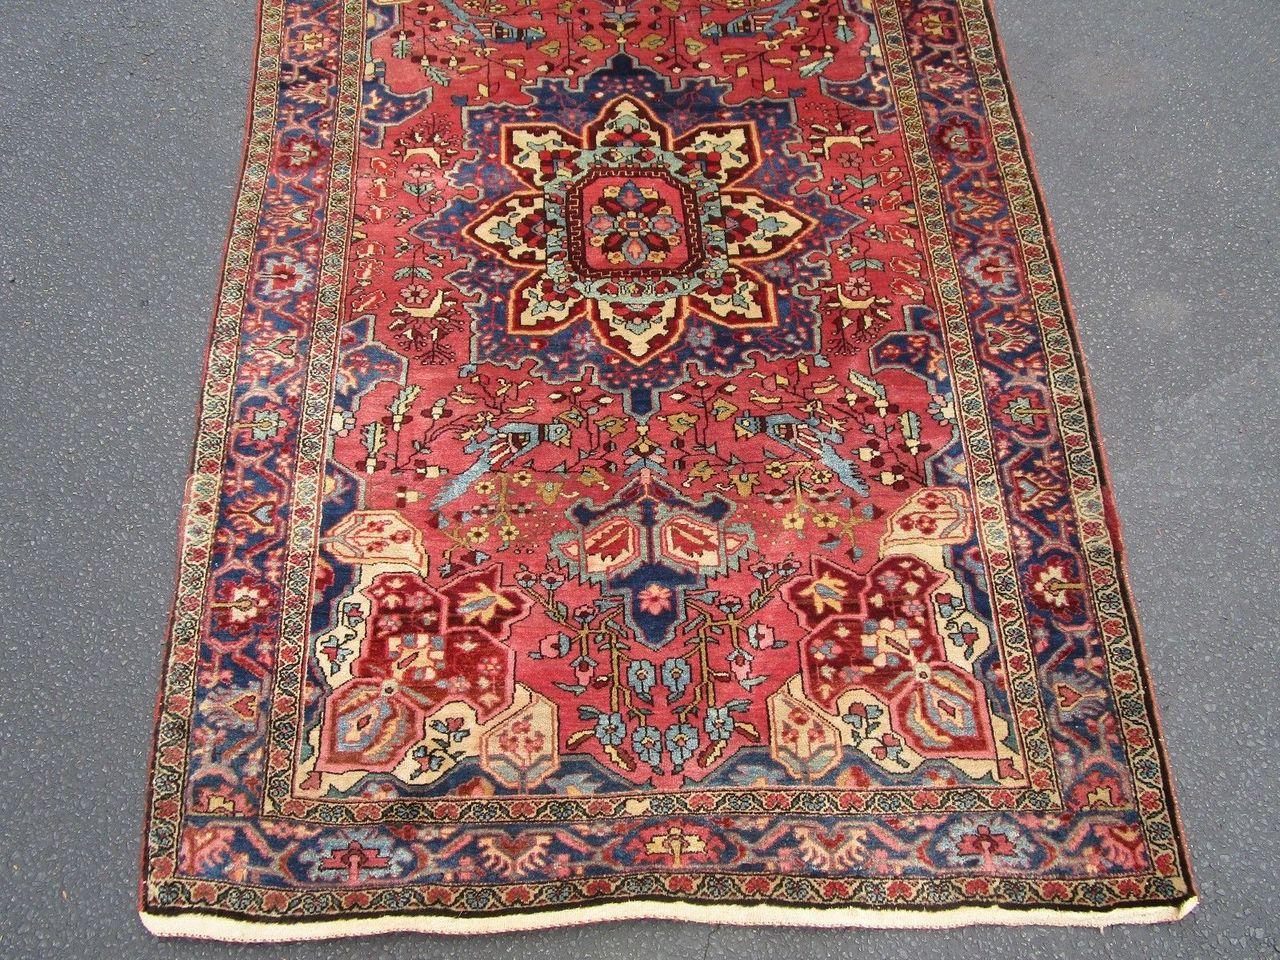 ANTIQUE SAROUK FEHREHAN PERSIAN CARPET - Tribal Multicolor [7' x 4.5']